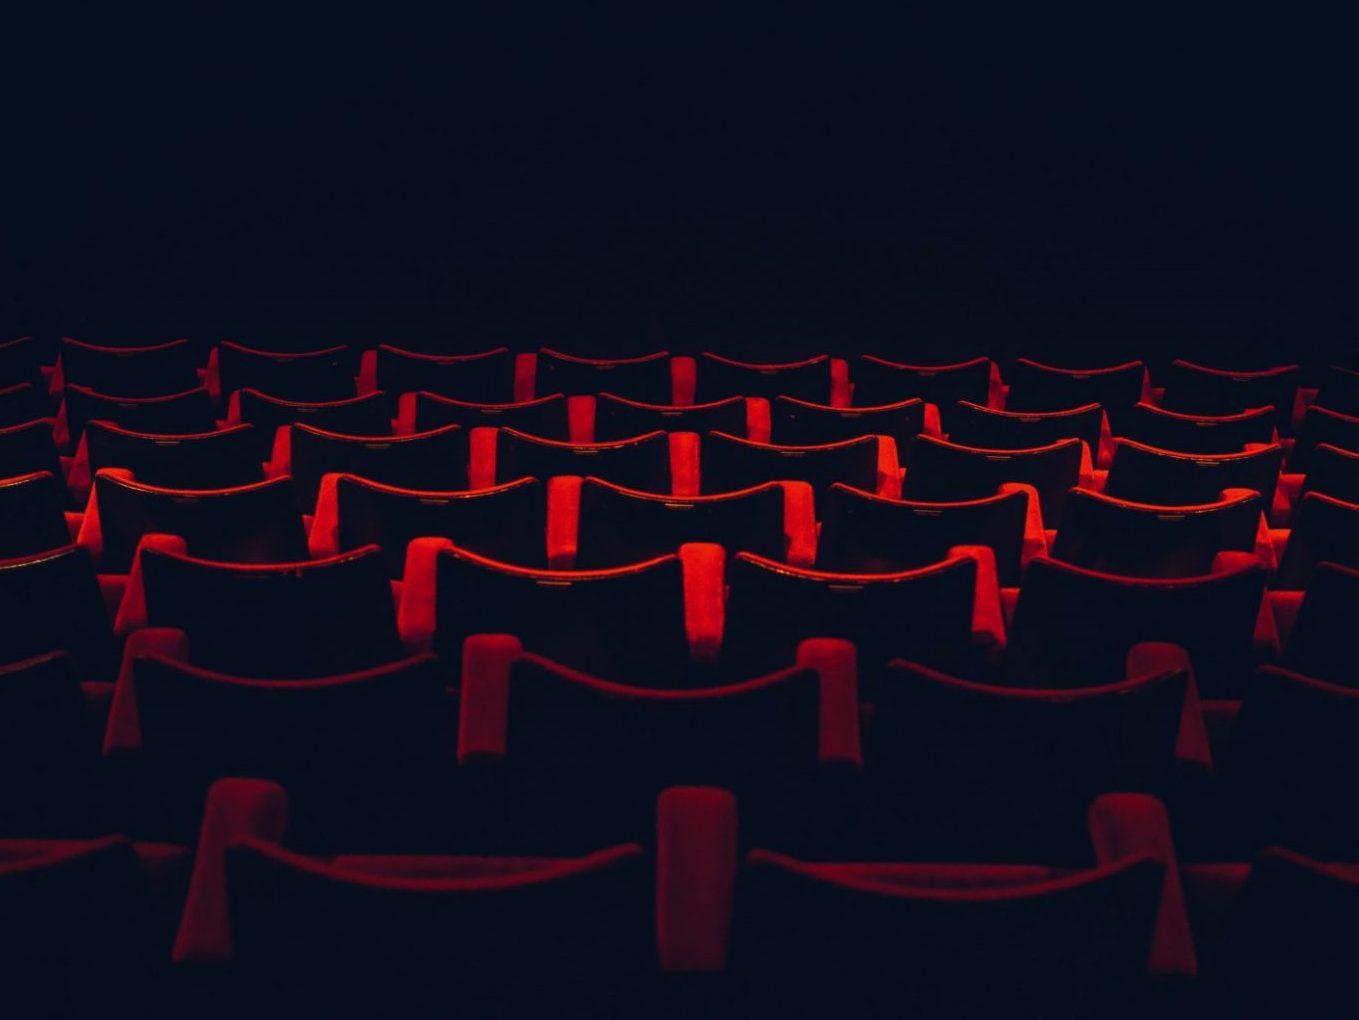 teatro-politeama-gerador